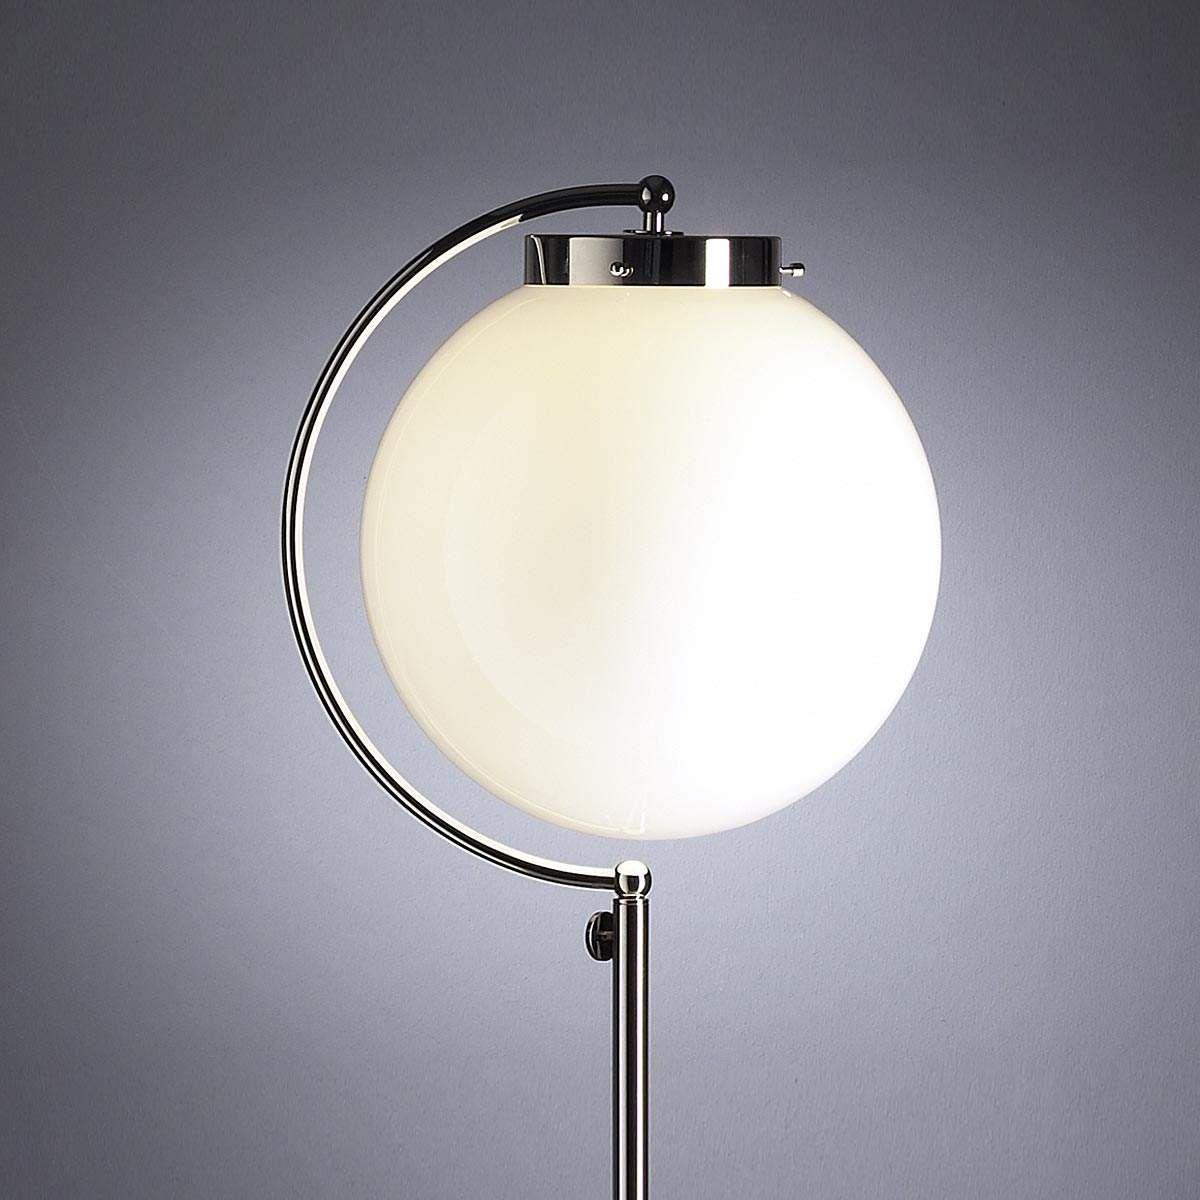 Tecnolumen Docker Bauhaus Stehleuchte Stehlampe Lampen Und Bauhaus